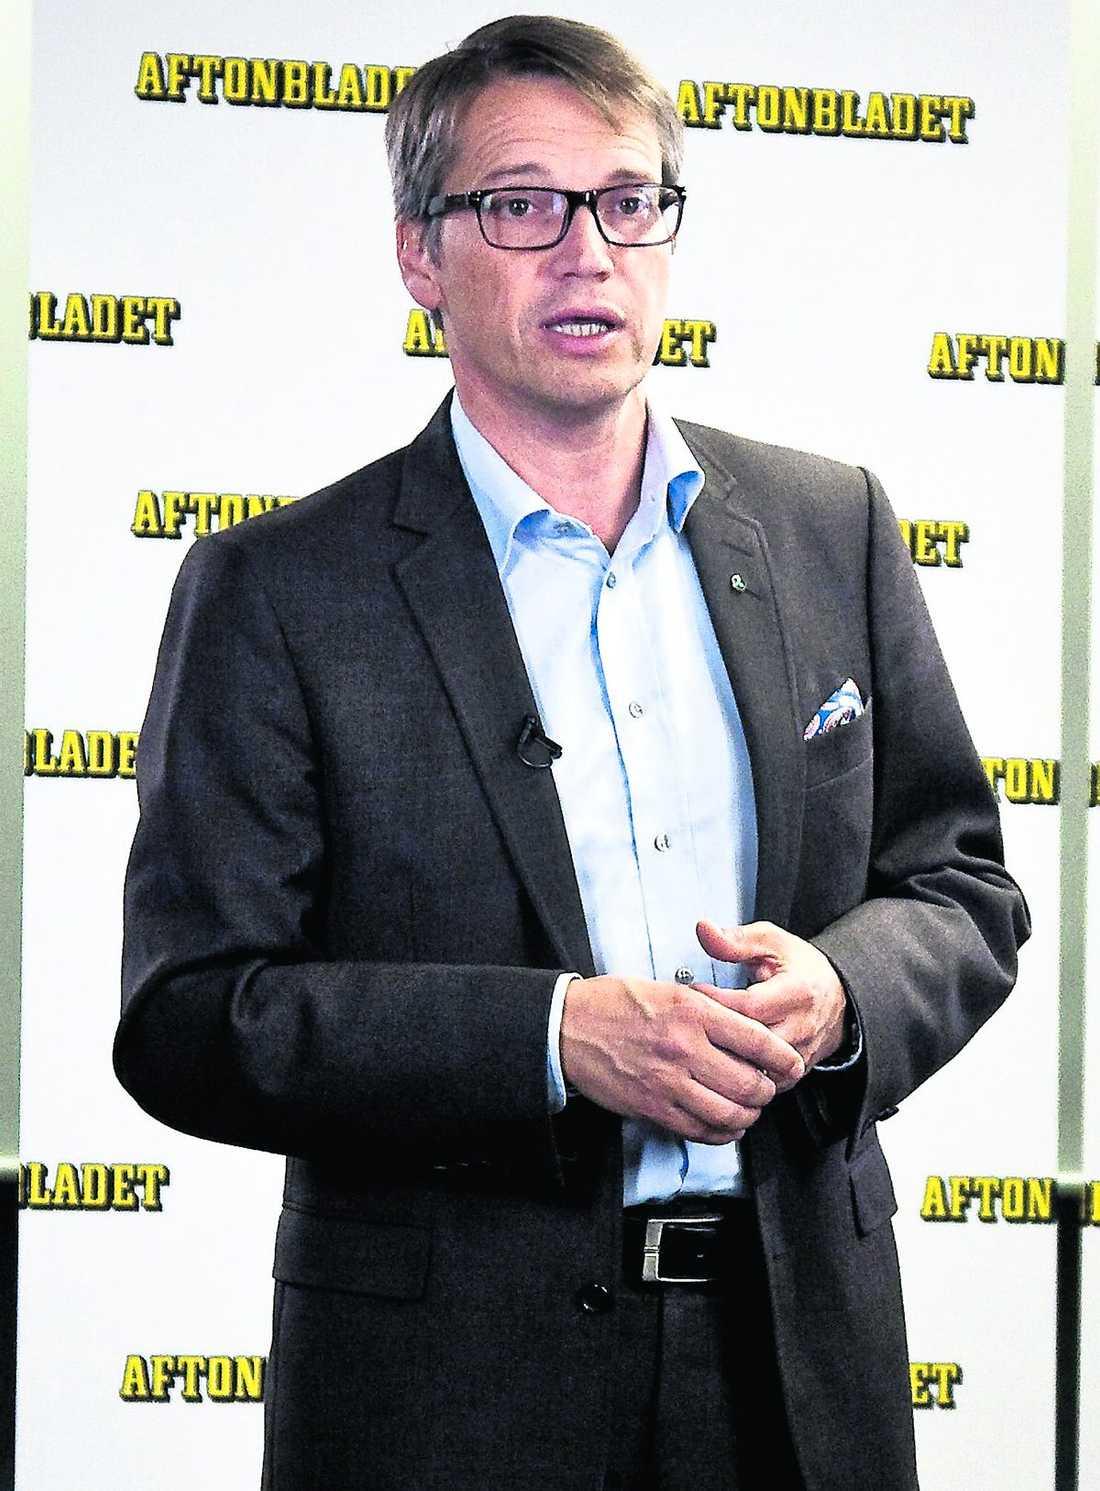 Efter Björklund var det dags för KD-ledaren Göran Hägglund att tala fritt i 15 minuter - och möta publikens reaktioner.